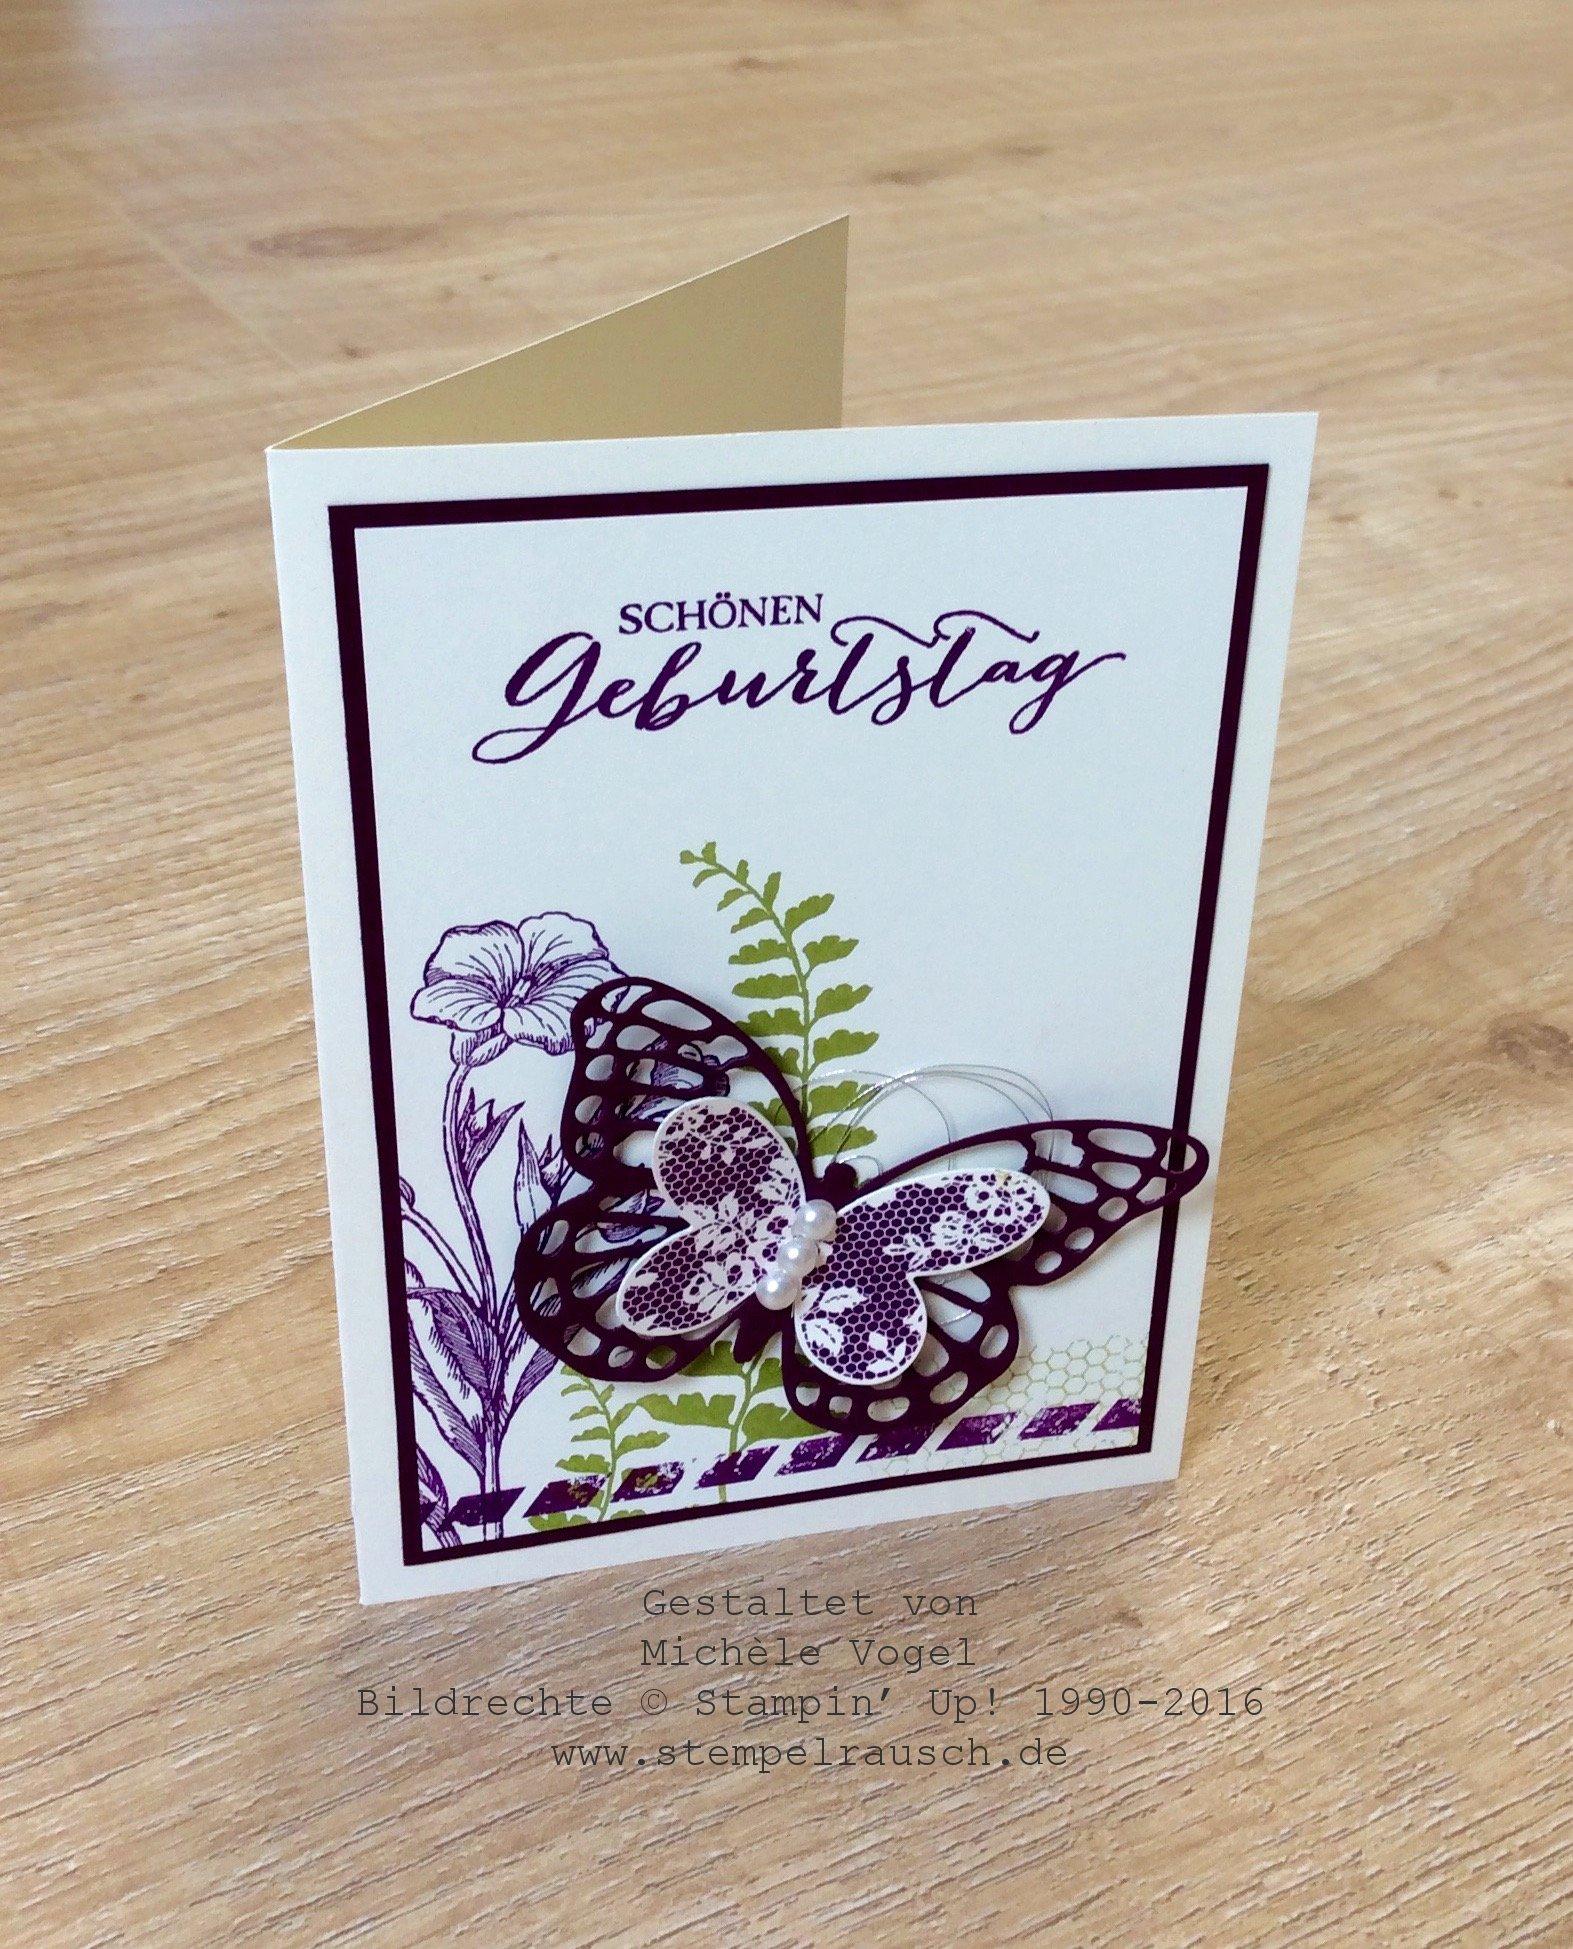 Geburtstagskarte mit Schmetterlingsgruß